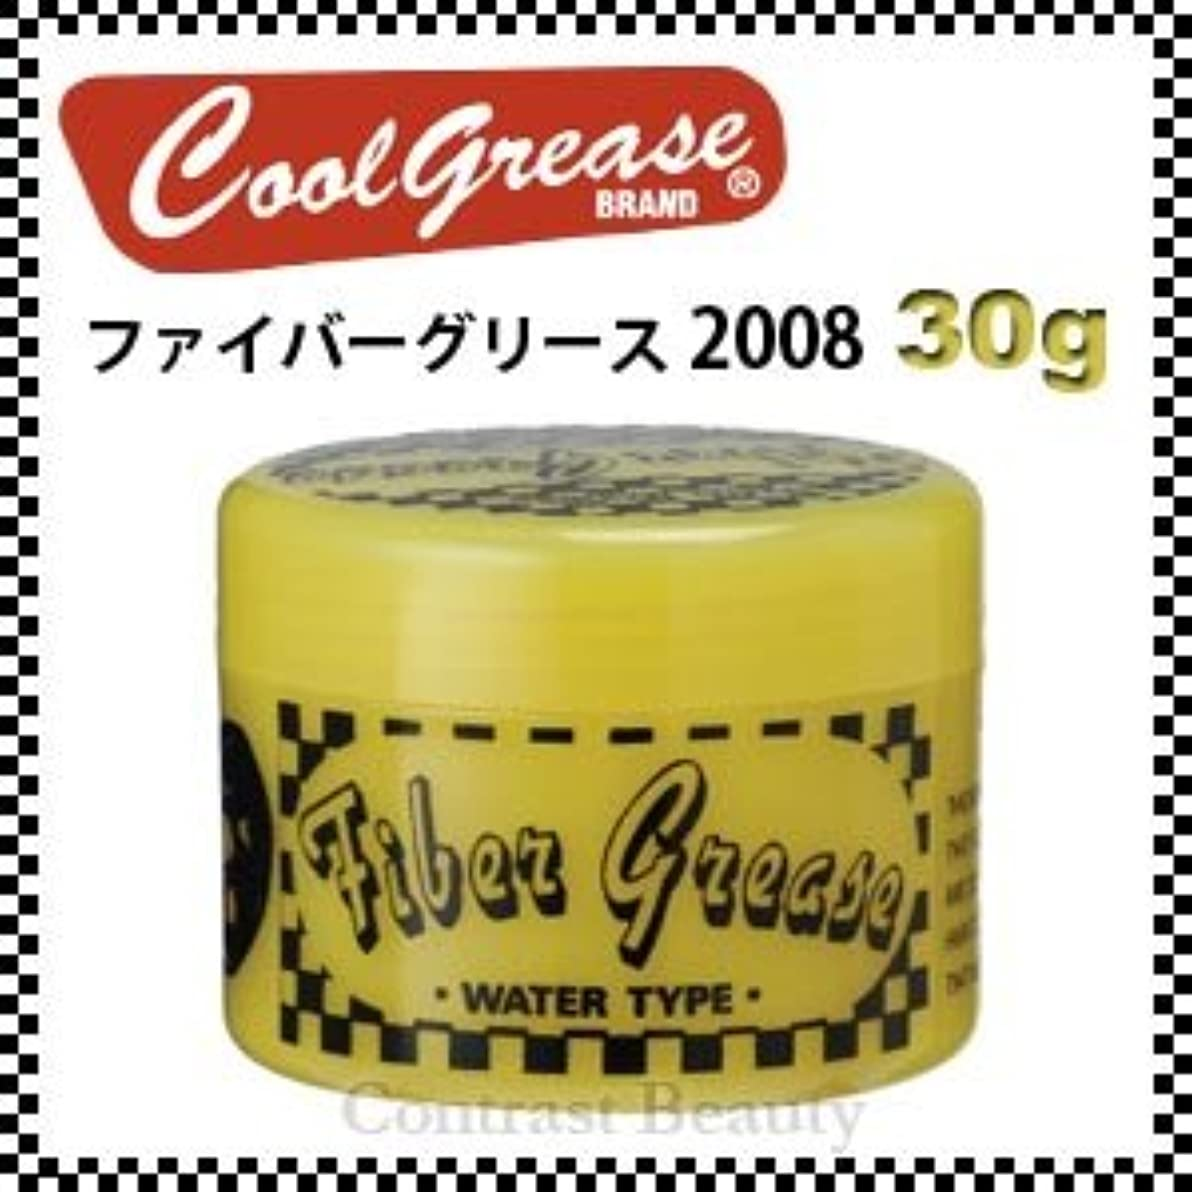 アブセイ適切に透過性阪本高生堂 ファイバーグリース 2008 30g